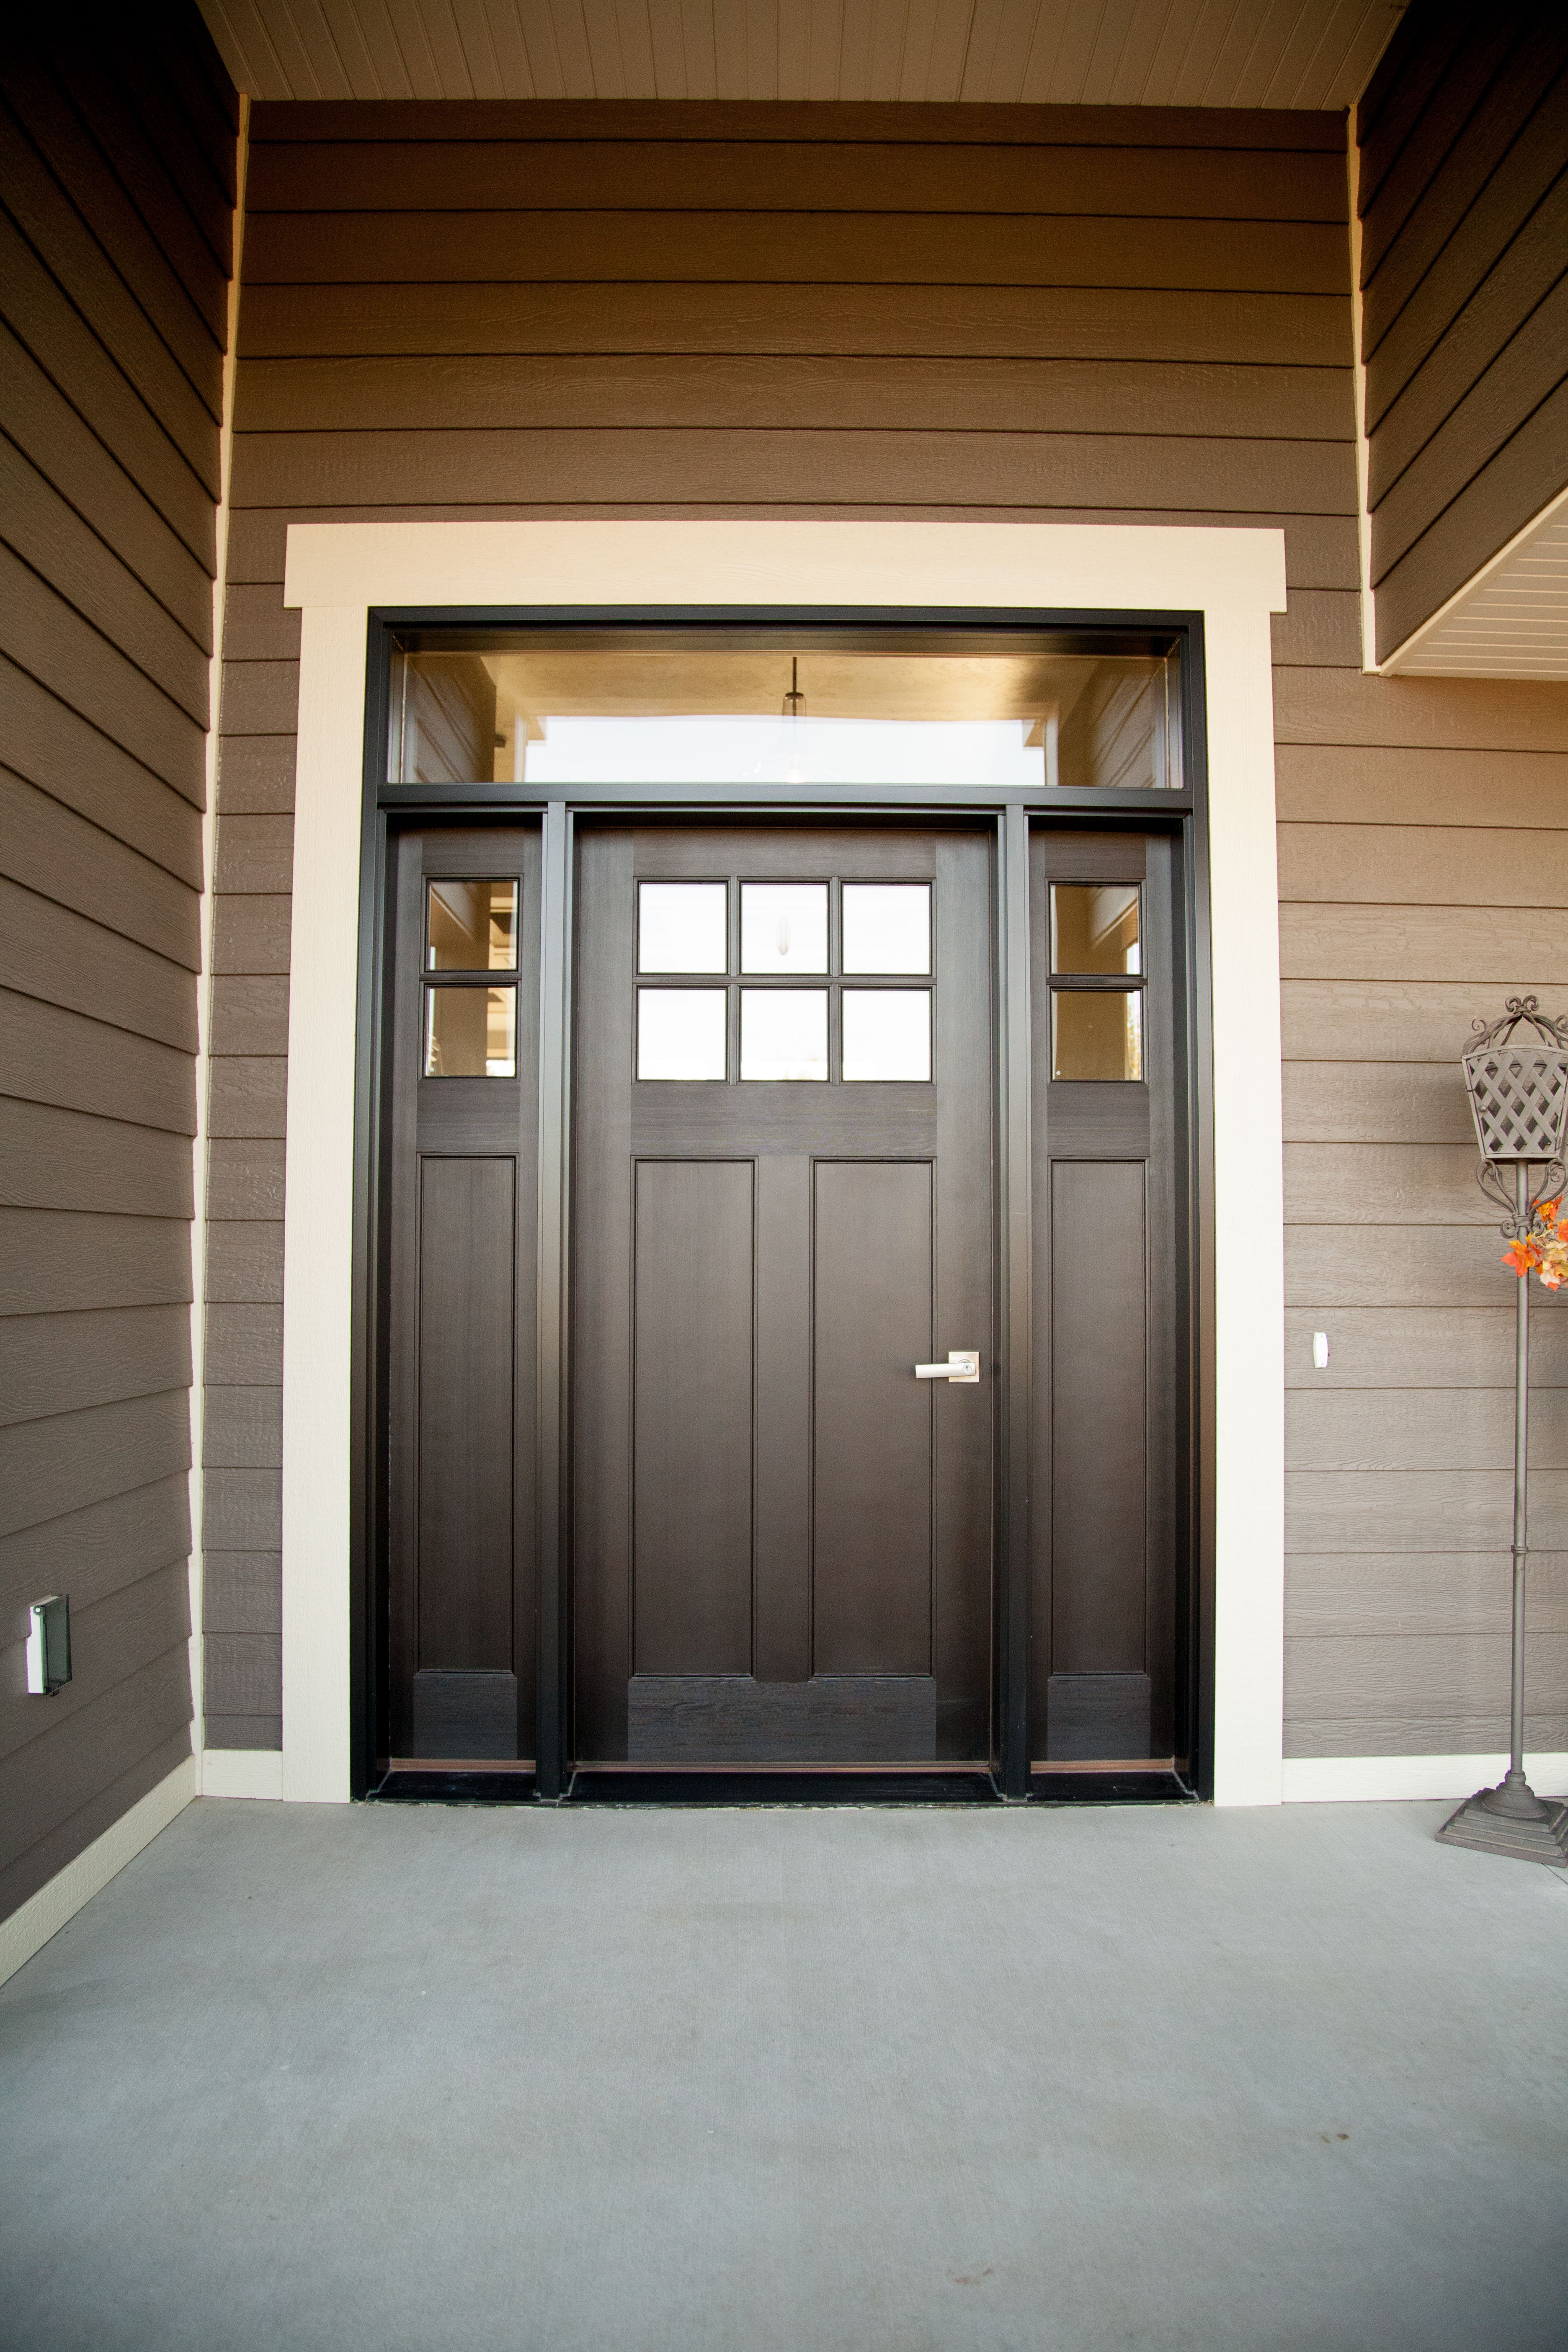 Exterior doors sixlite craftsman style fiberglass door stained